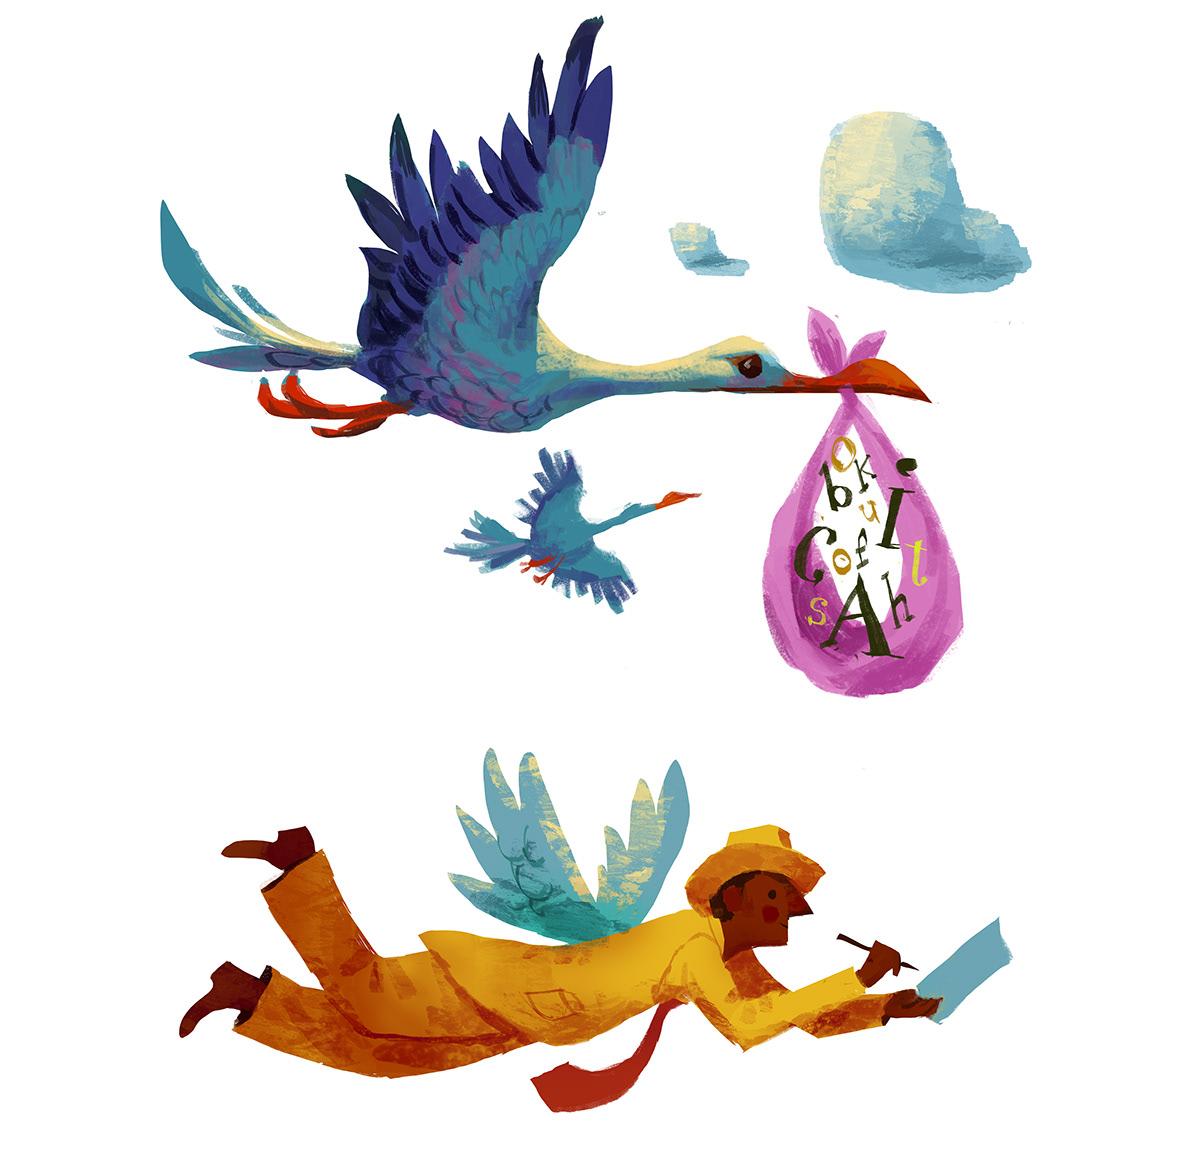 Image may contain: sky, cartoon and bird